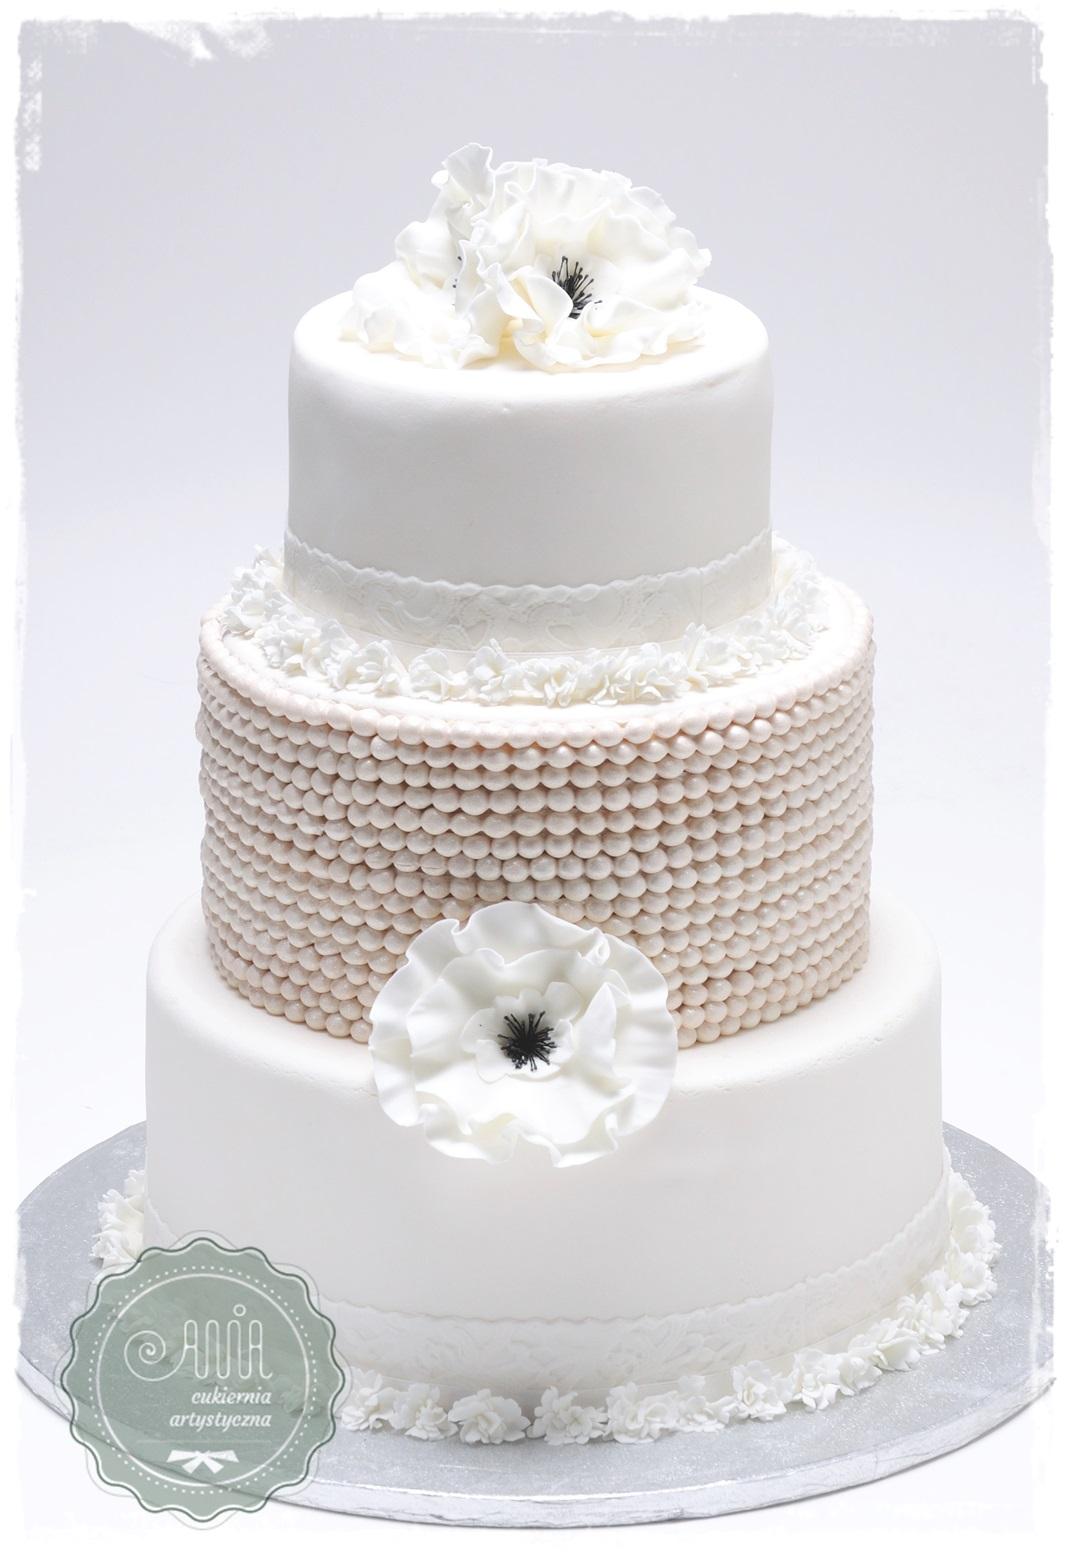 Tort weselny La Perla - zdjęcie 1